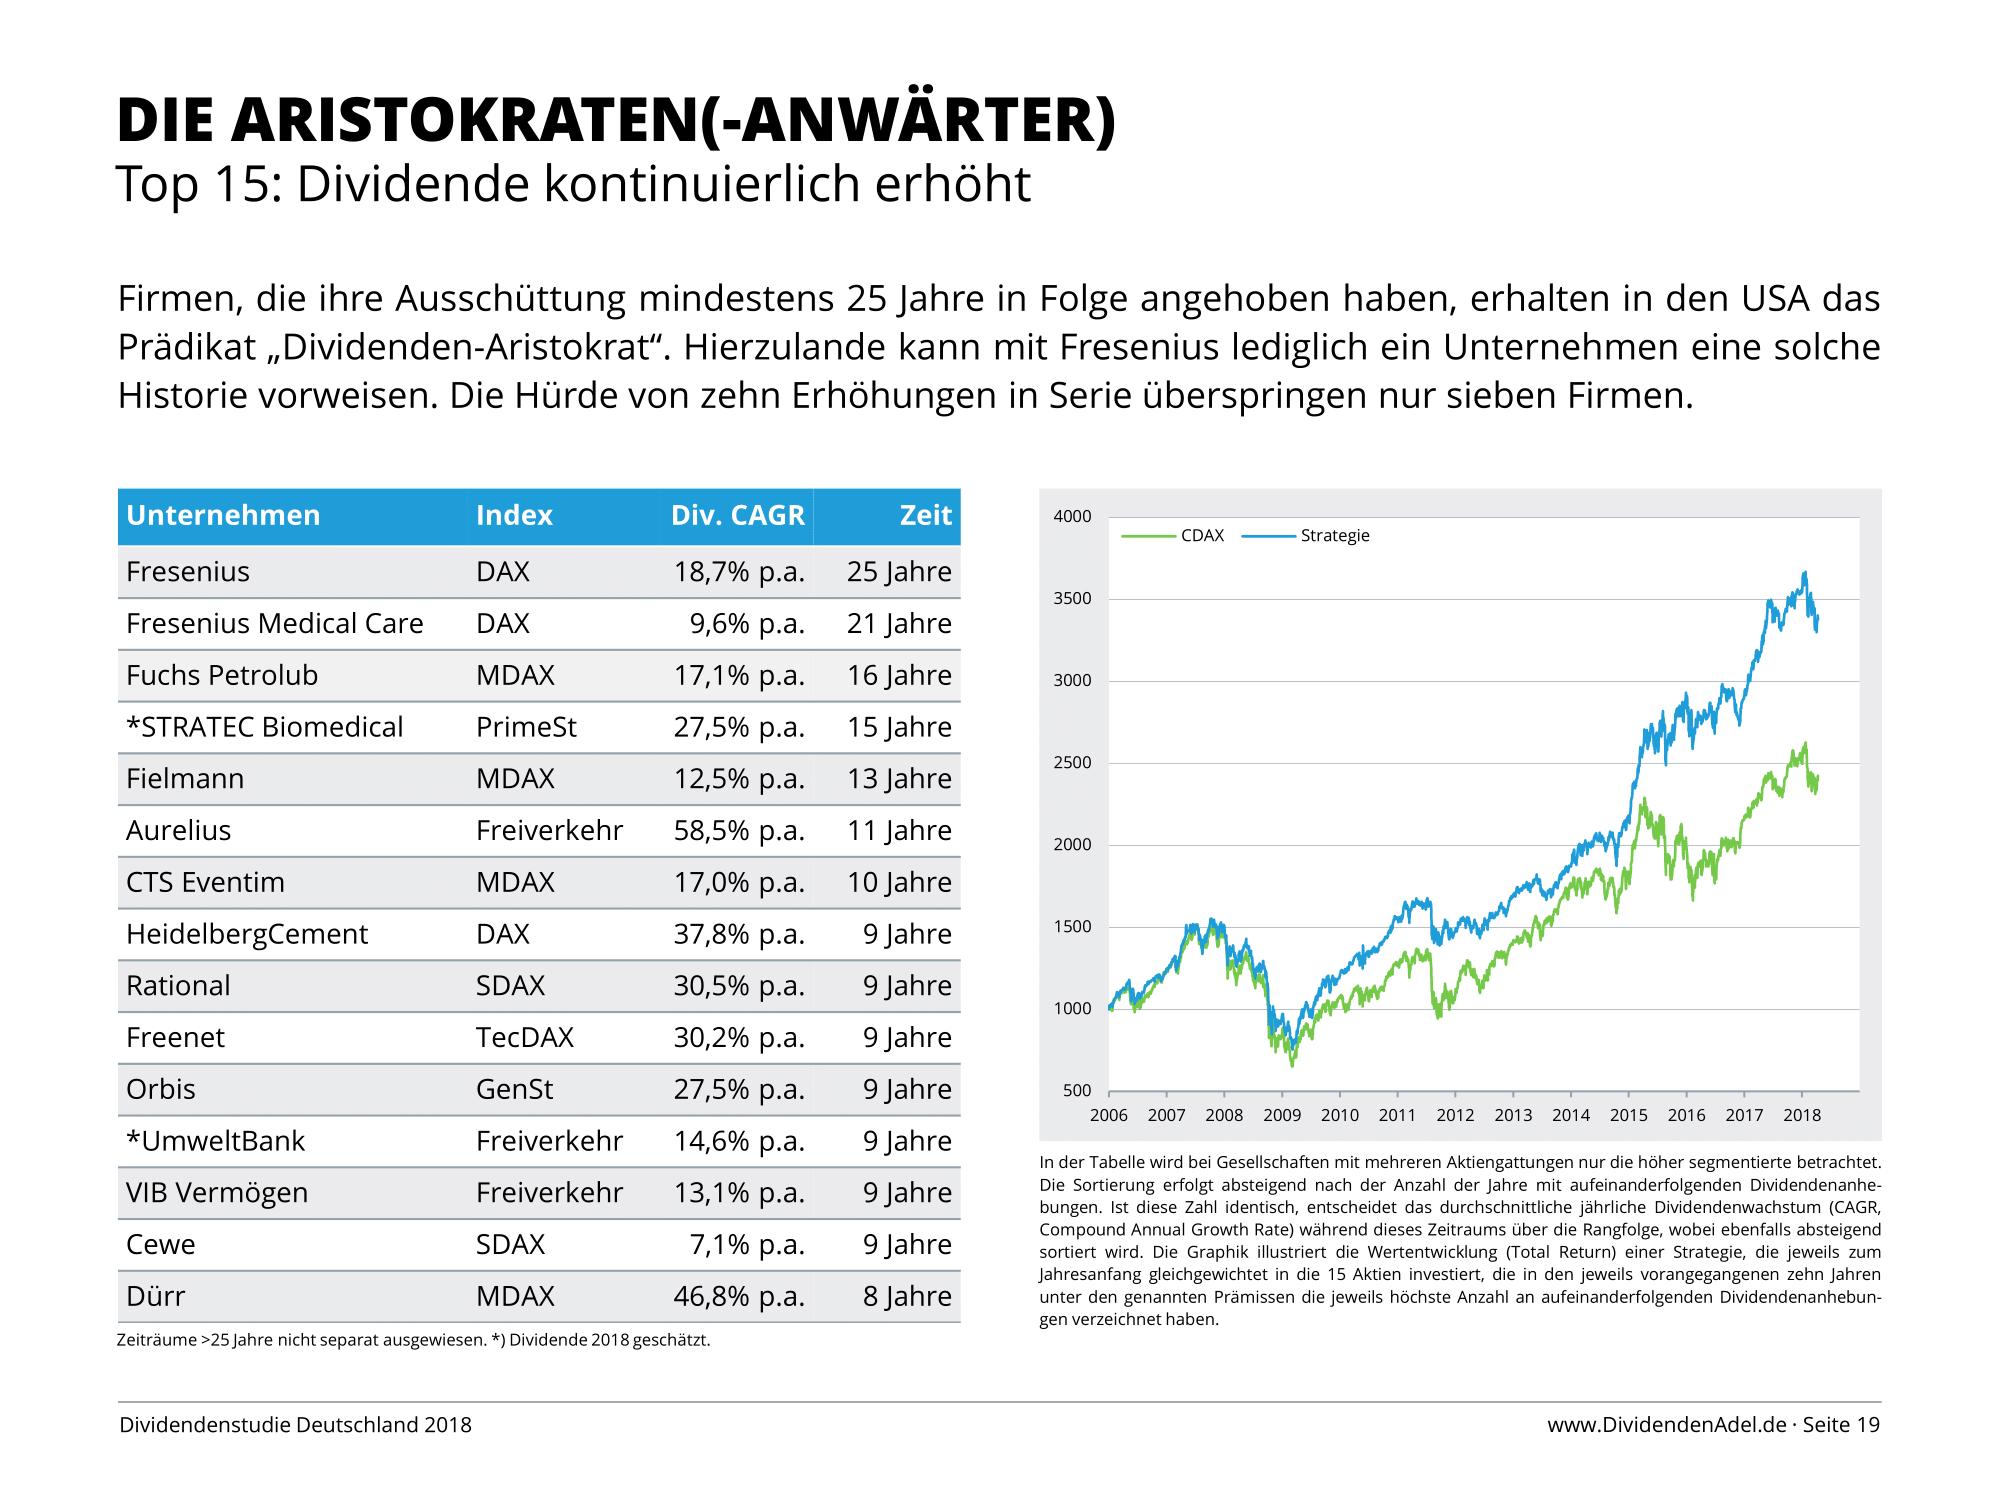 Dividendenstudie Deutschland 2018 Aristokraten-1